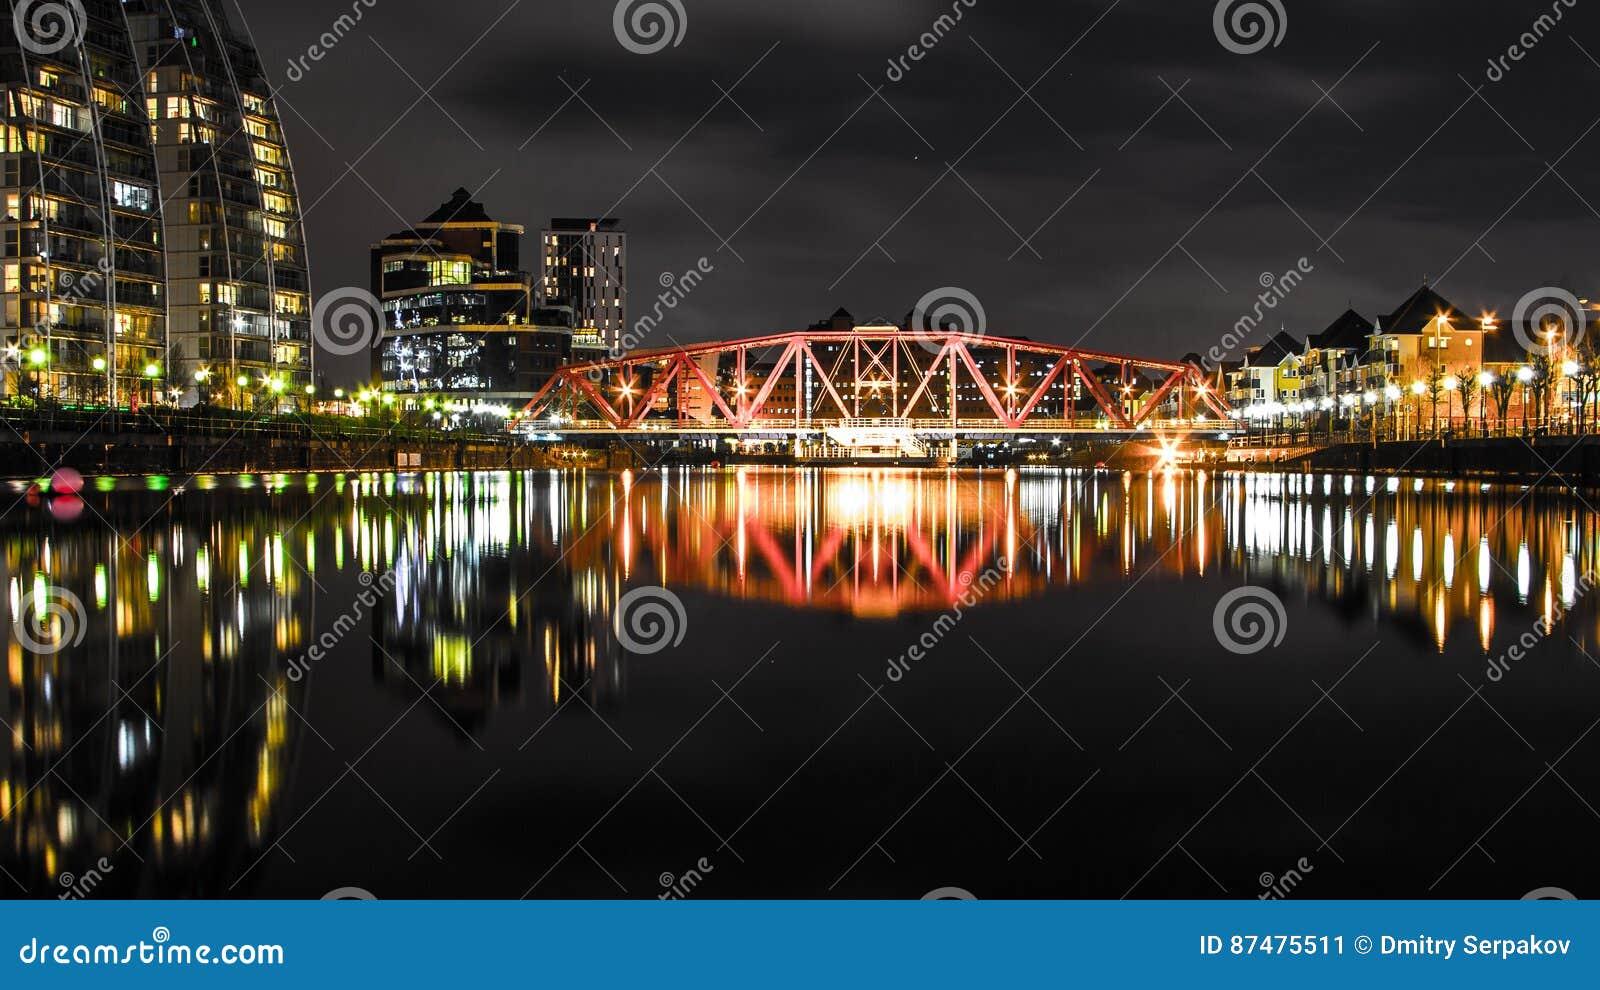 Мост над малым рекой с длинными отражениями